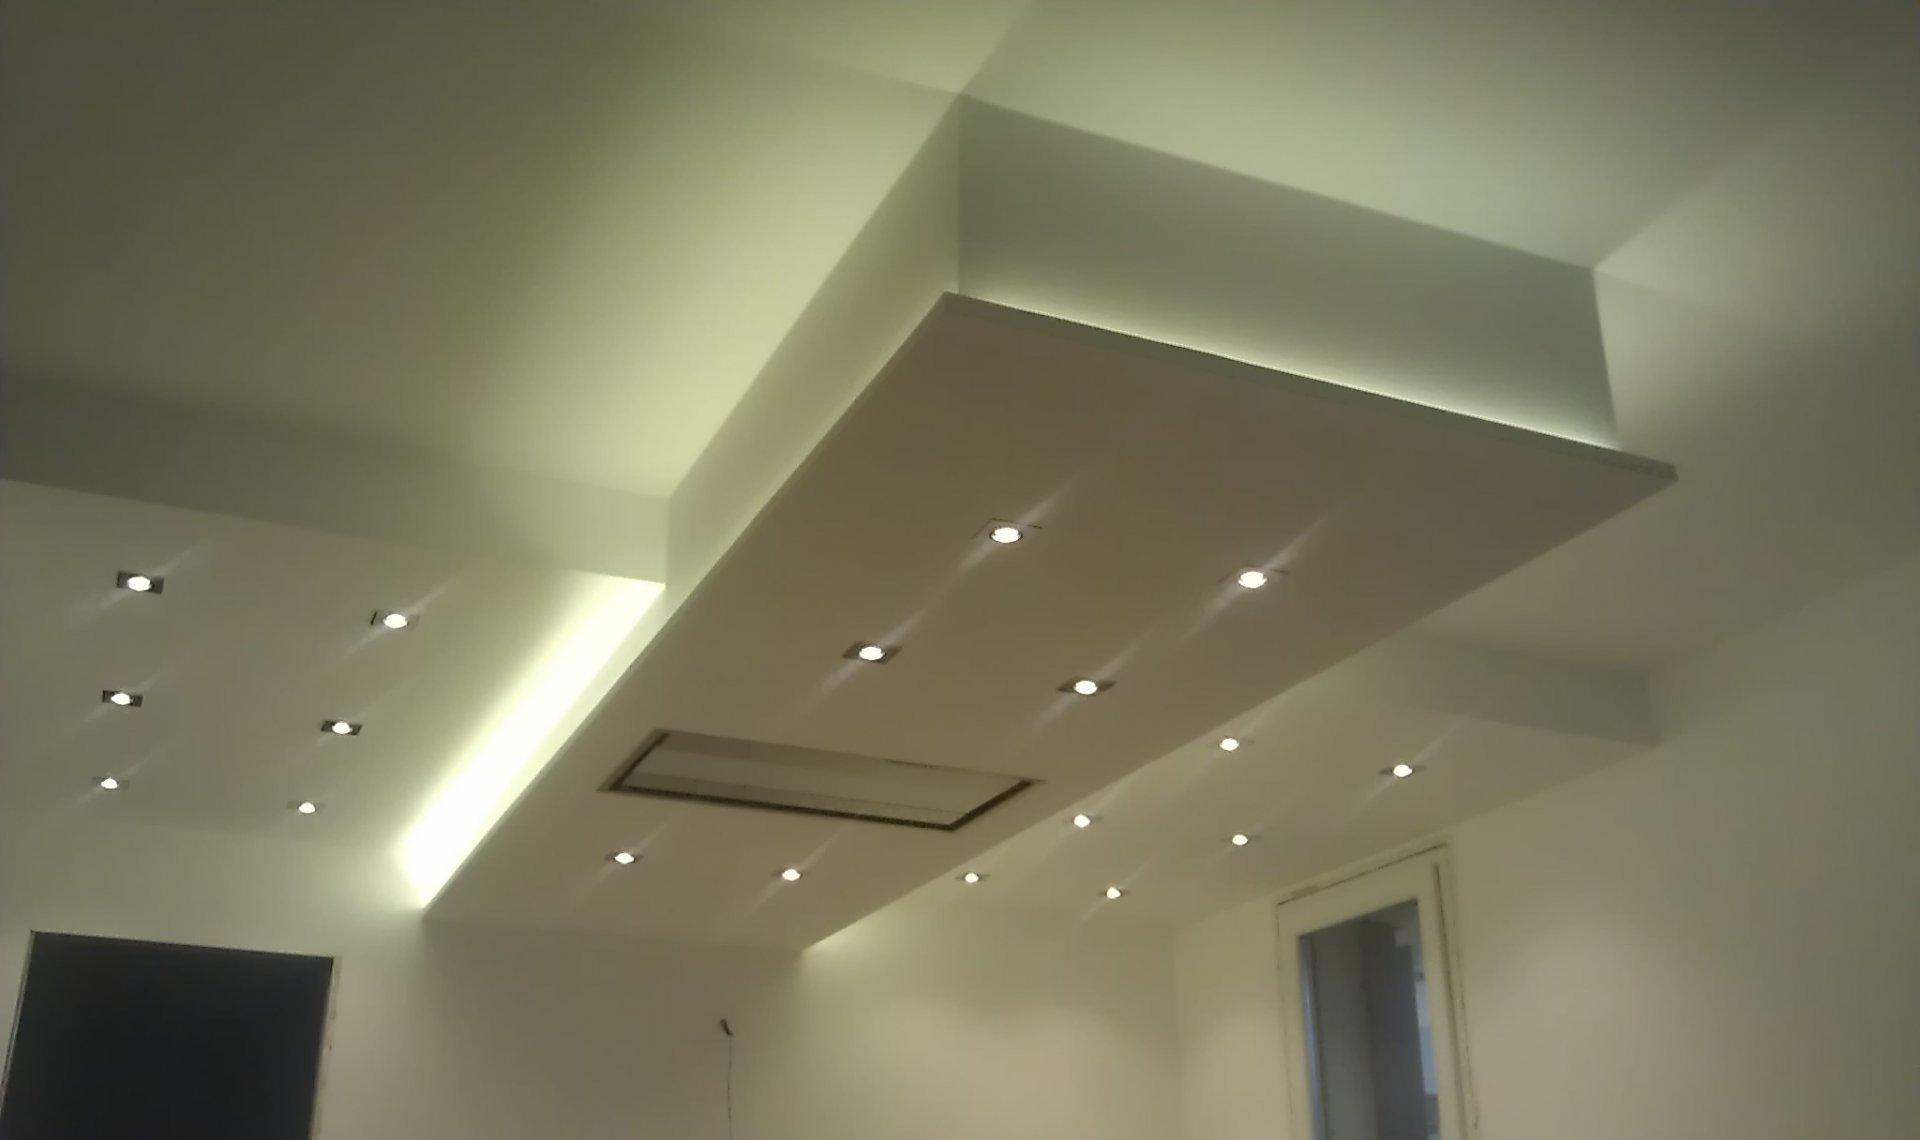 Illuminazione di interni una collezione di idee per idee - Illuminazione design interni ...